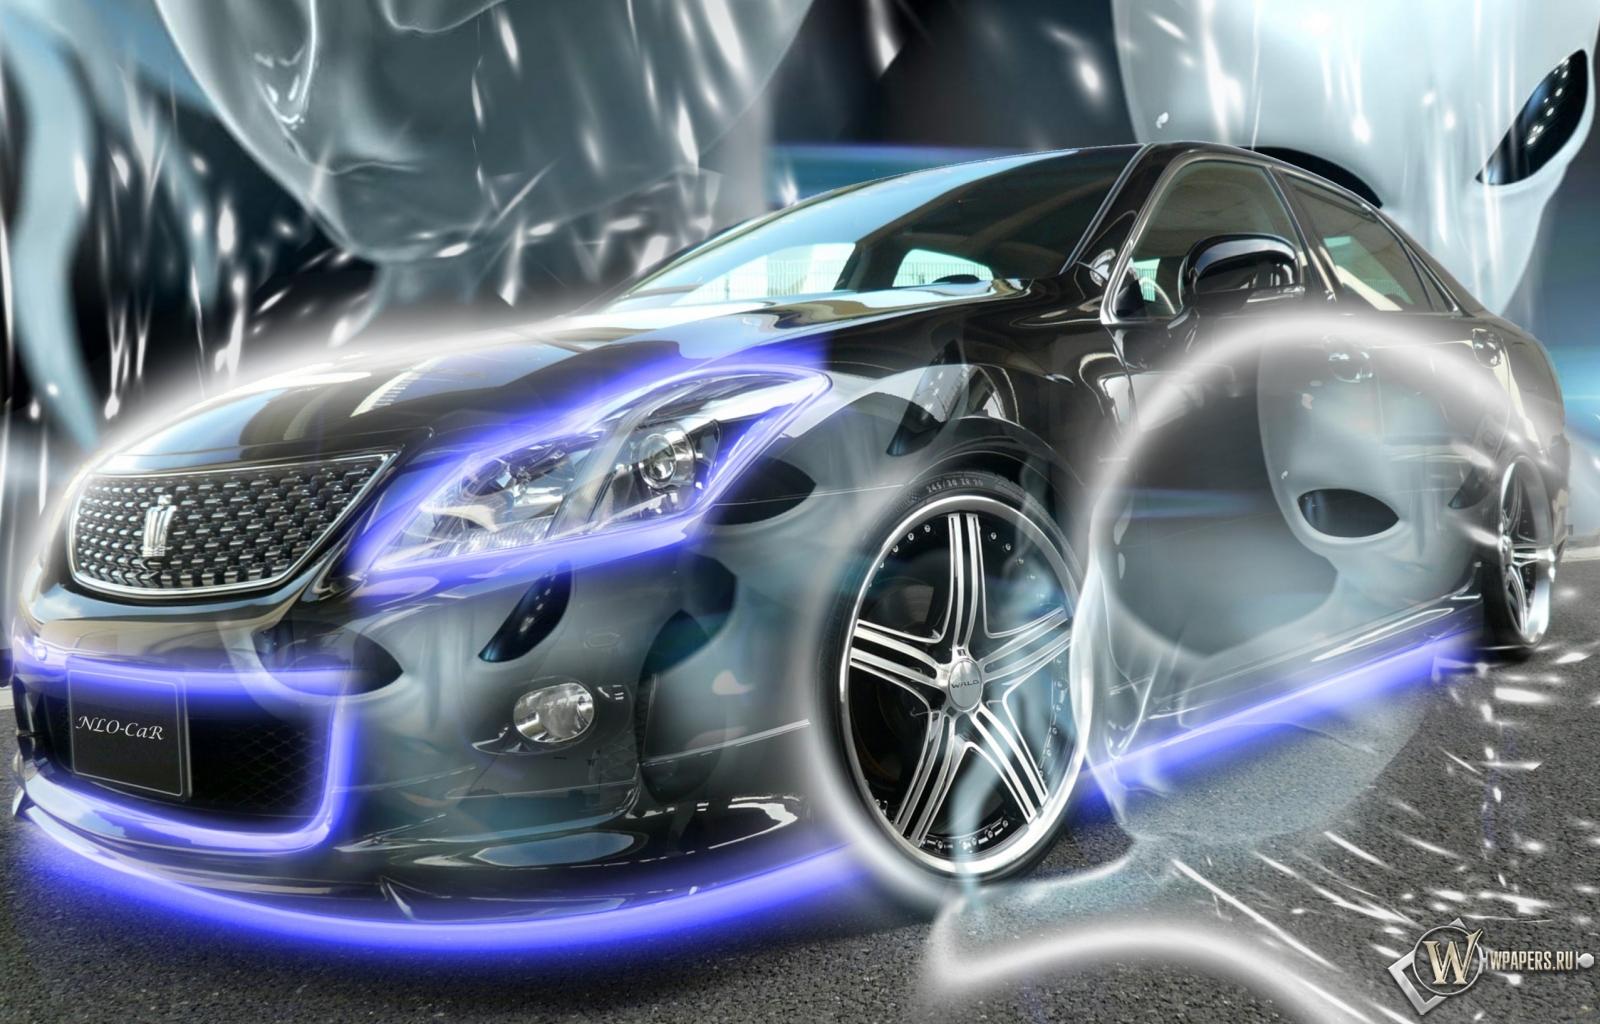 Неоновый Авто 1600x1024